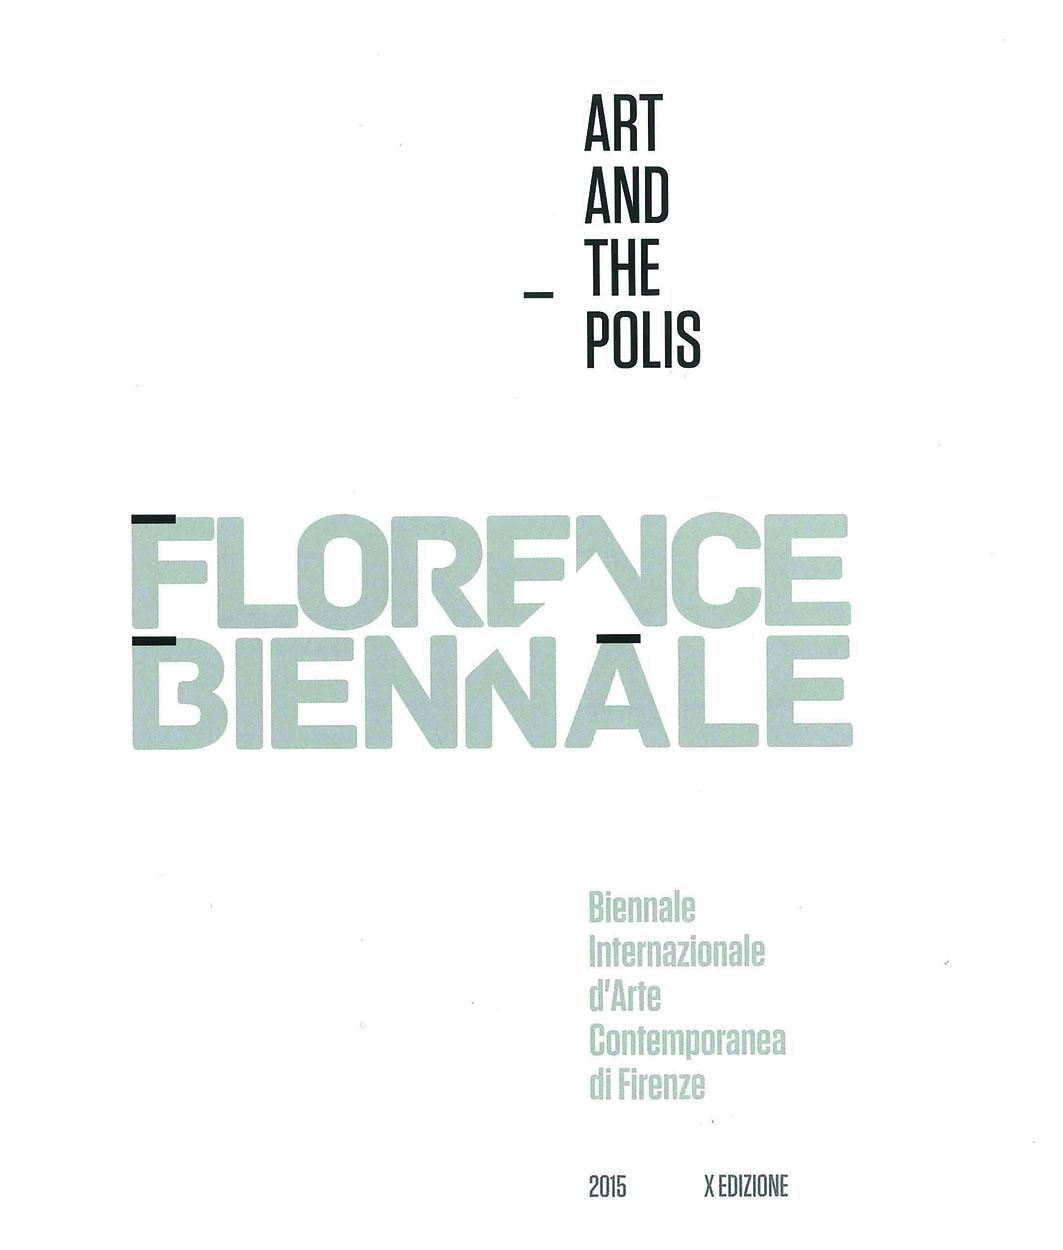 biennale_logo.jpg